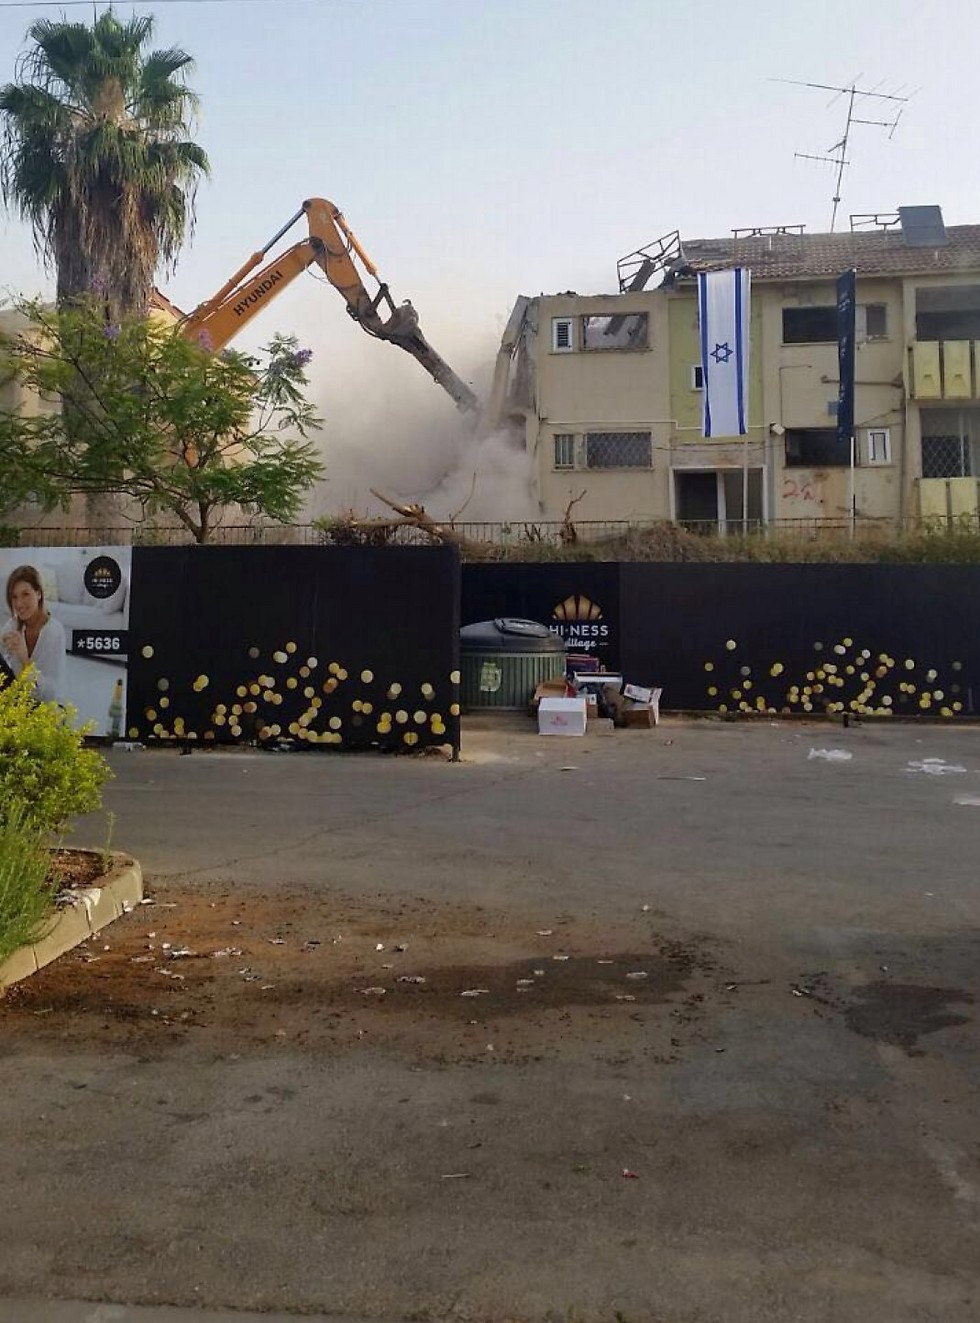 פינוי בינוי בשכונת יד אליעזר בנס ציונה (צילום: חברת סרוגו)